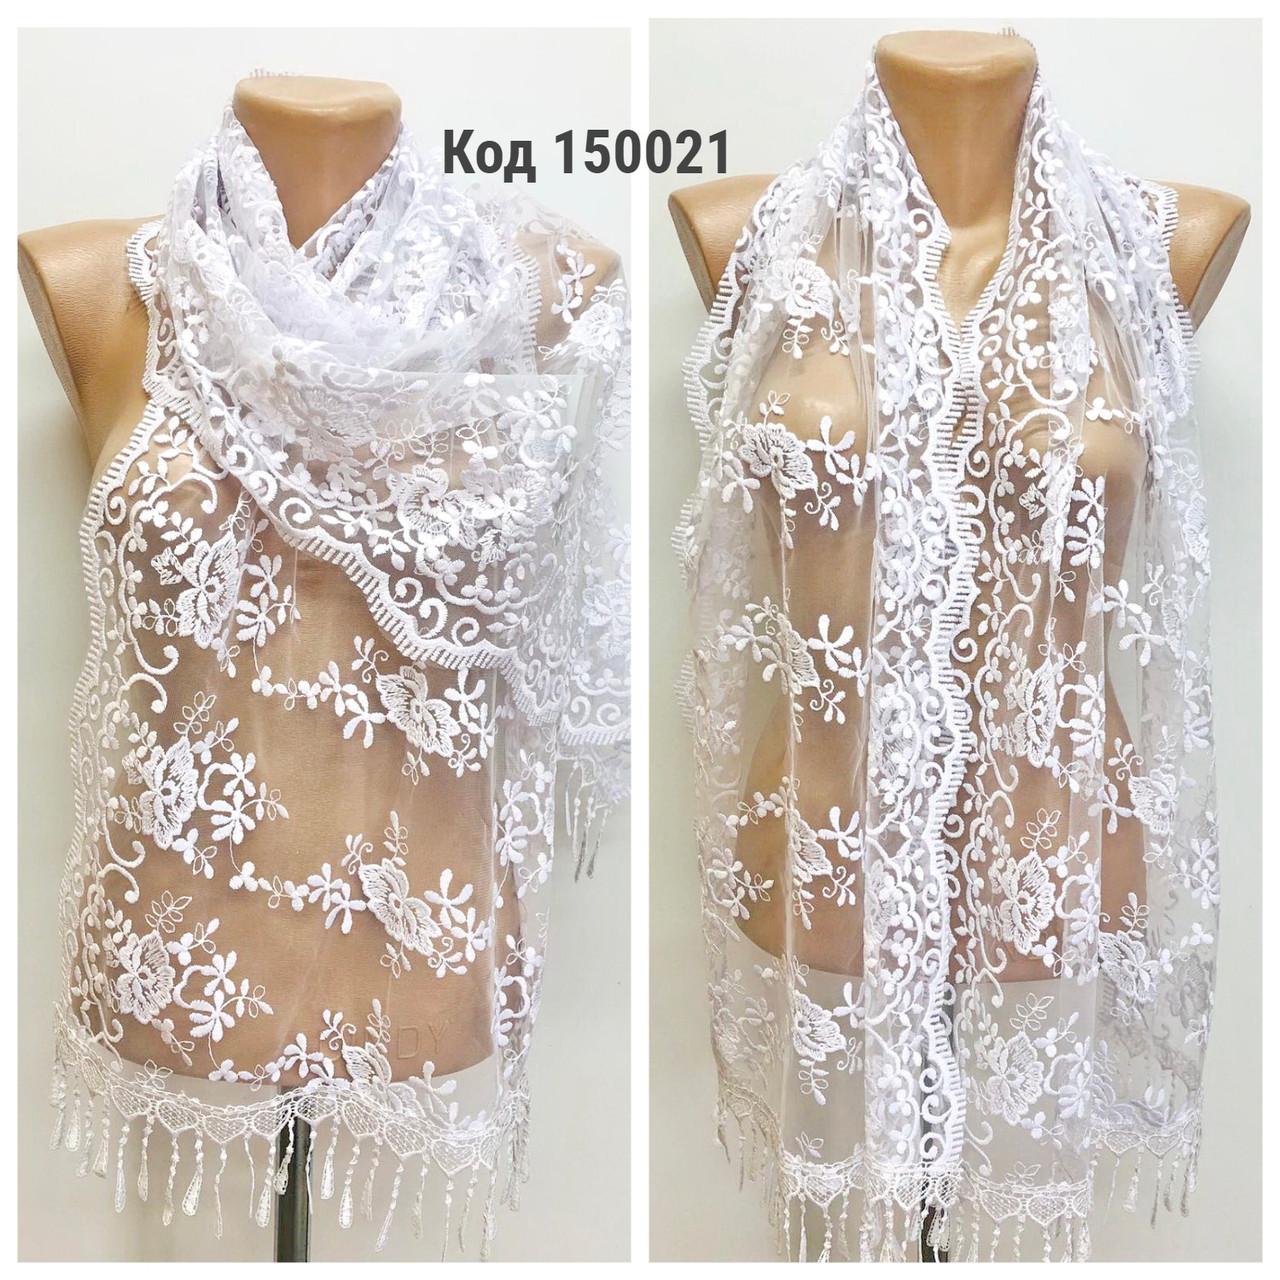 Шарф белый ажурный фатиновый свадебный церковный 150021